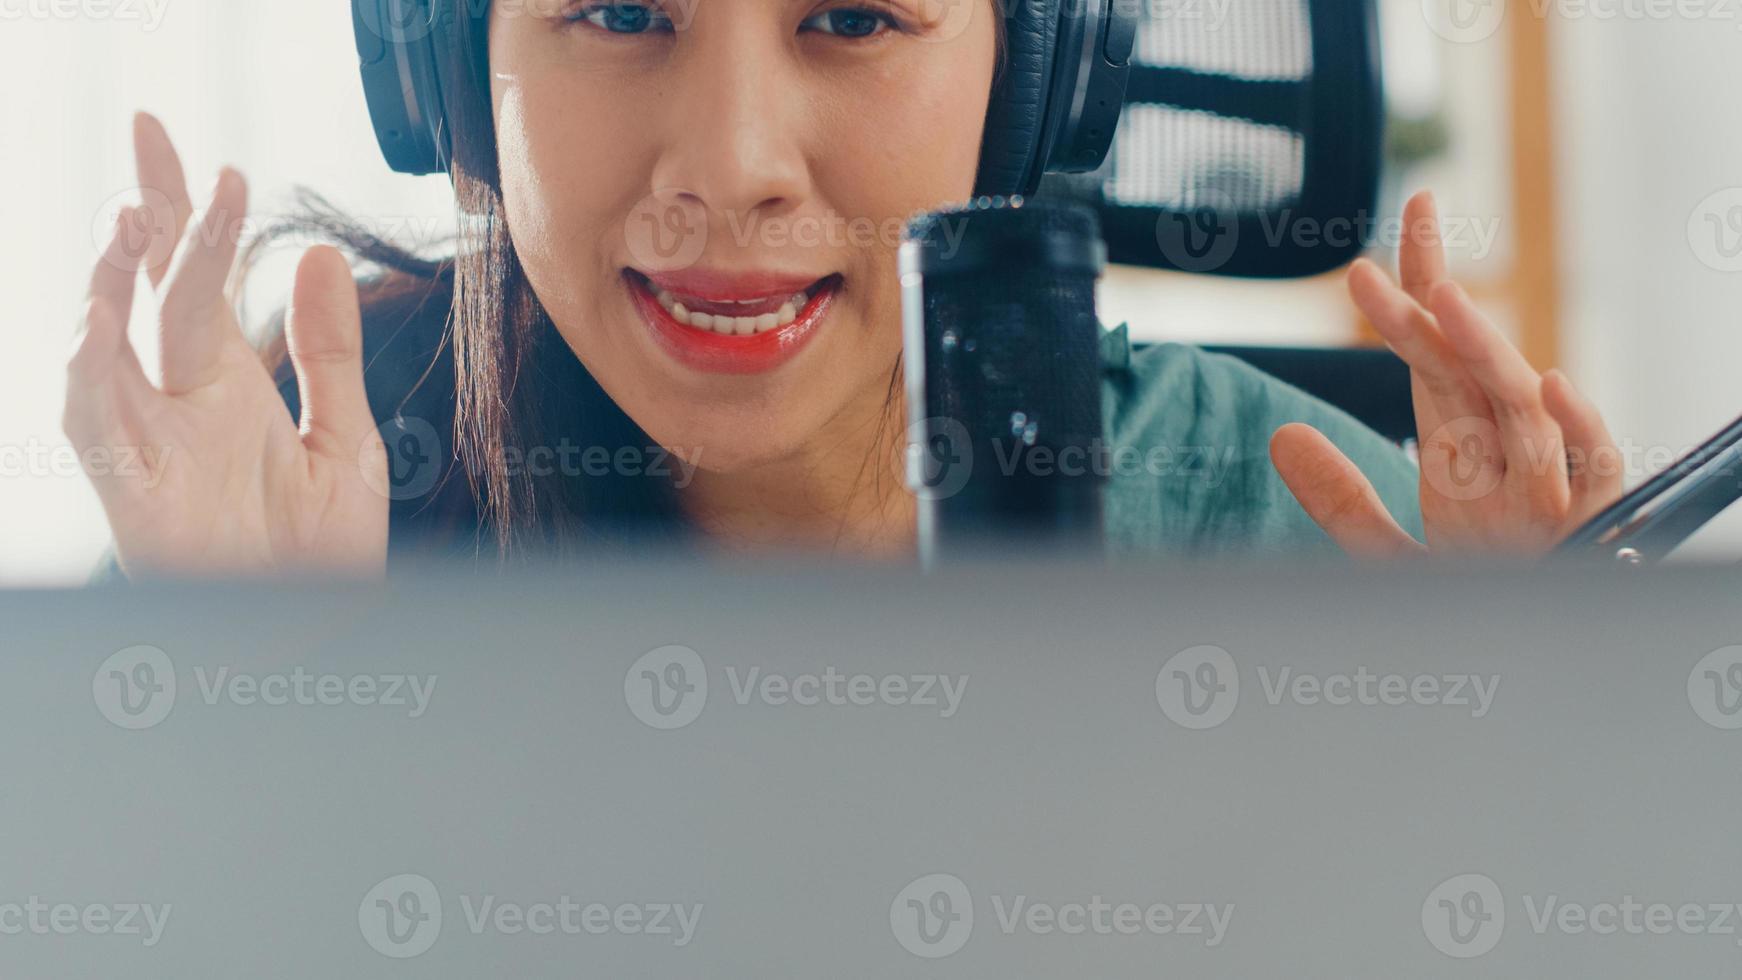 feliz chica asiática graba un podcast en su computadora portátil con auriculares y micrófono habla con la audiencia en su habitación. Podcaster femenina hace podcast de audio desde su estudio en casa, permanece en el concepto de casa. foto